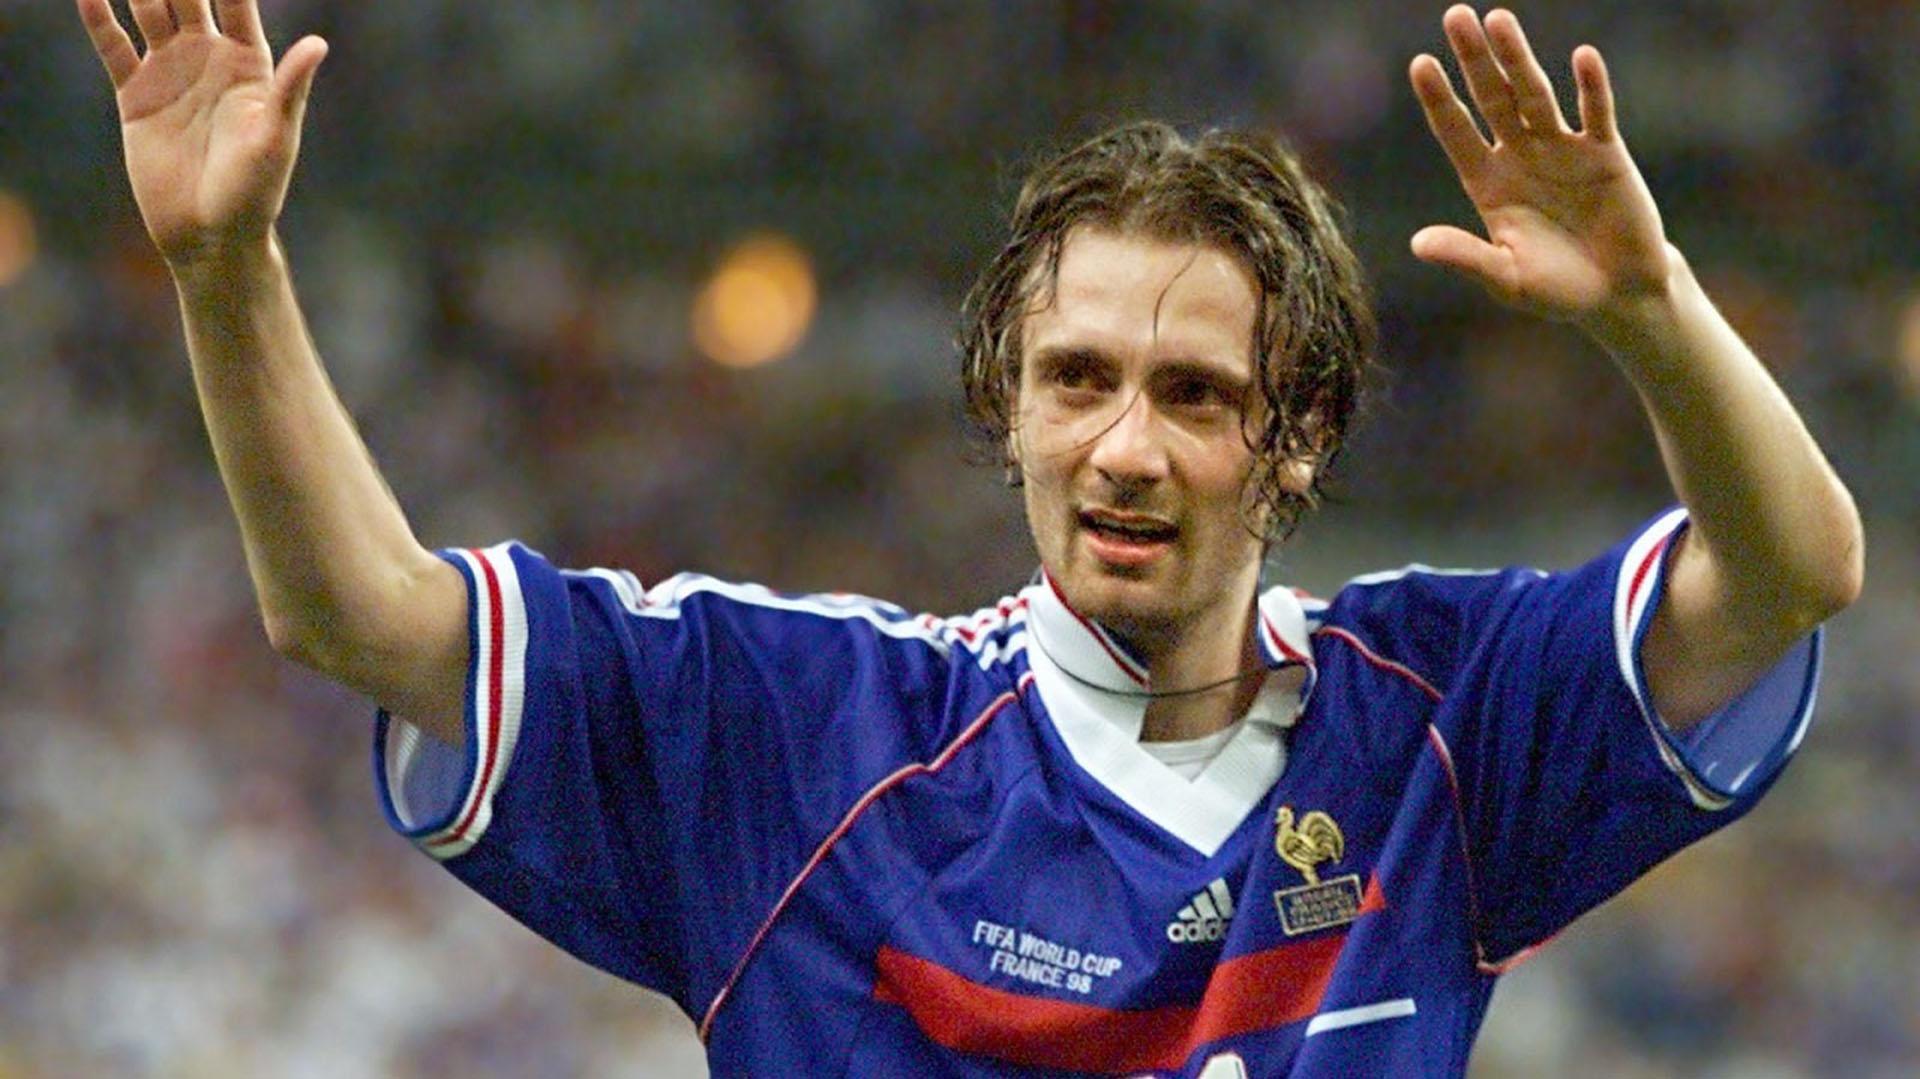 Dugarry fue campeón mundial en Francia 98